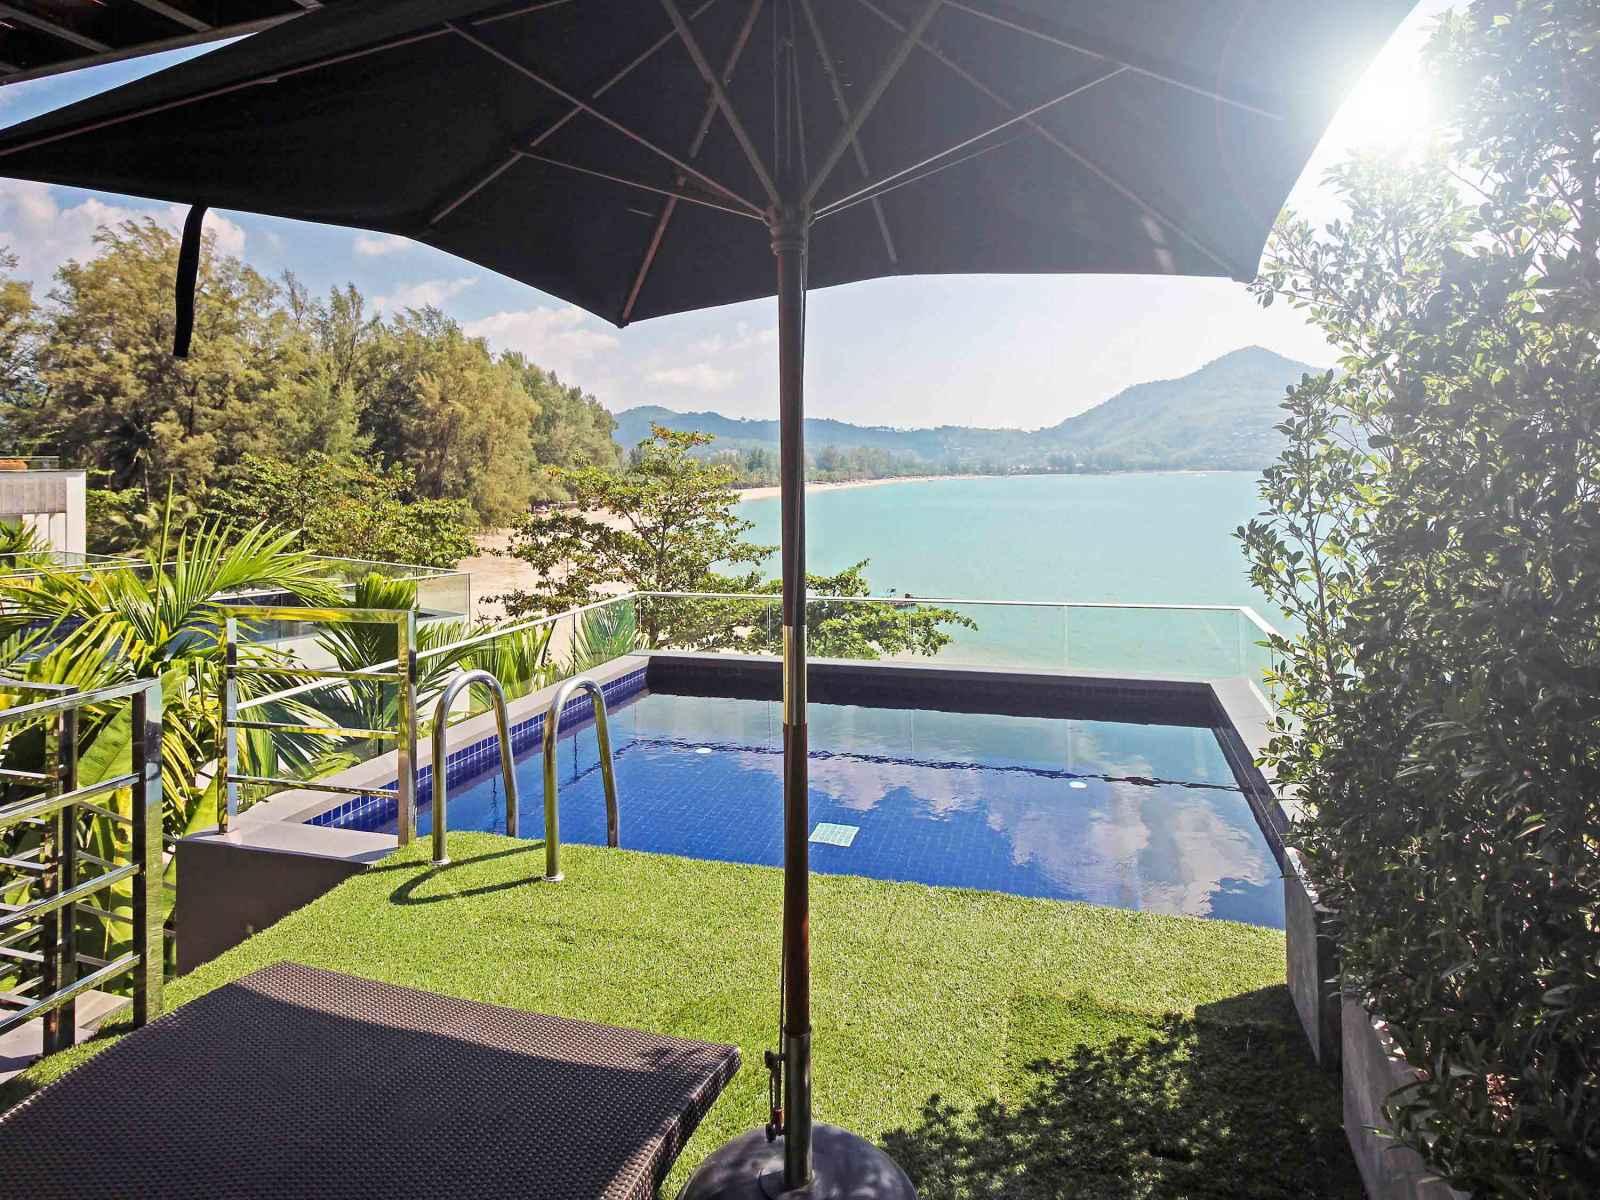 Thaïlande - Phuket - Hôtel Novotel Phuket Kamala Beach 4*